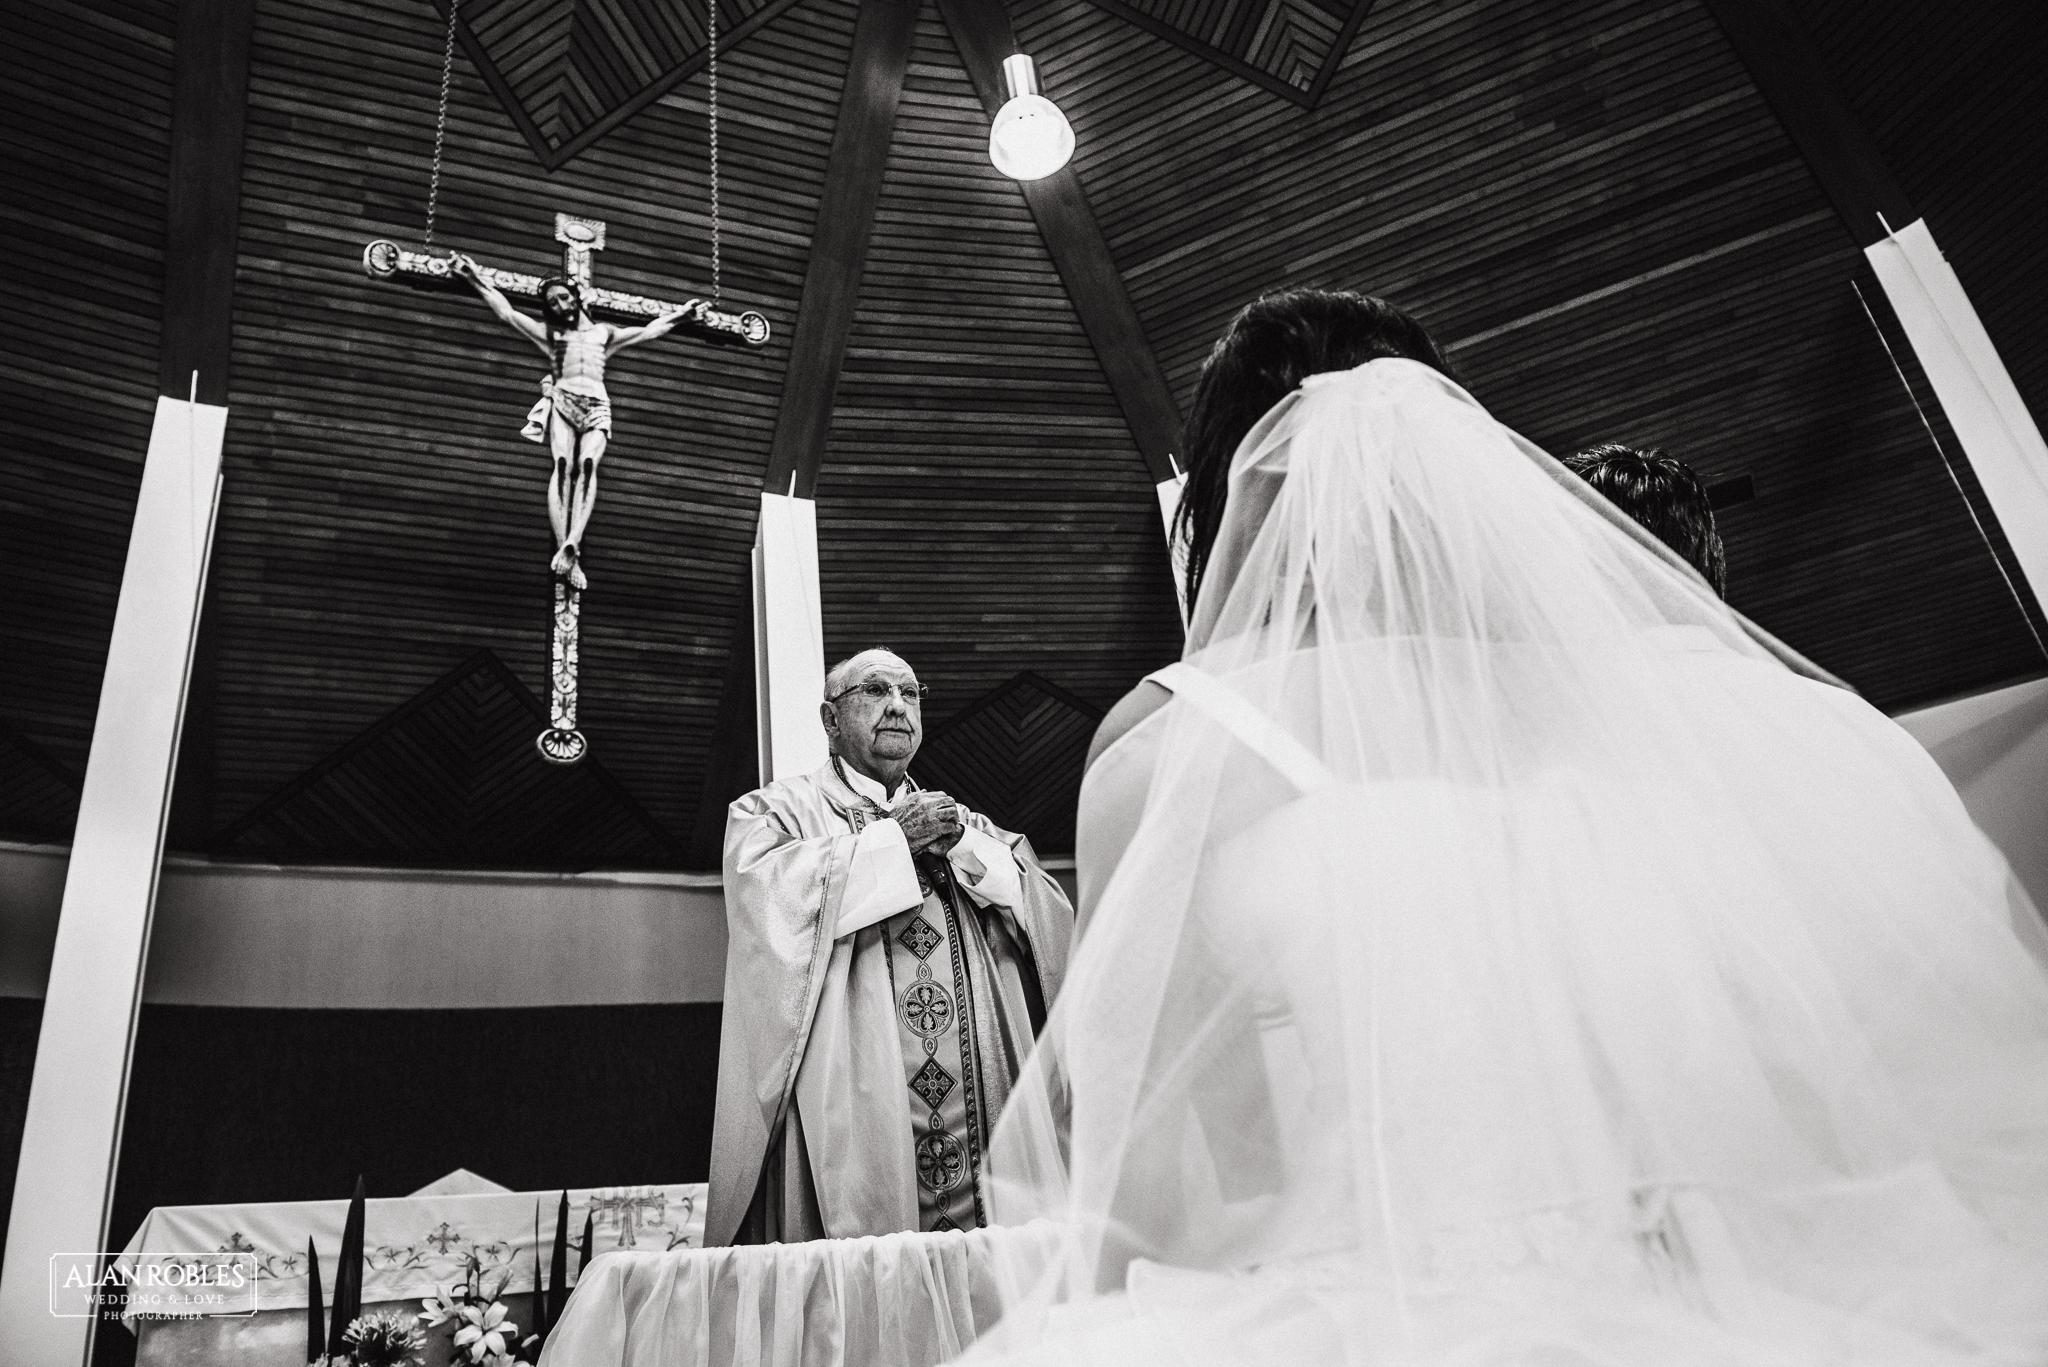 Novios en el altar frente al sacerdote. Nuestra señora de las bugambilias en Guadalajara. Fotografo de bodas Alan Robles Wedding & Love Photographer.